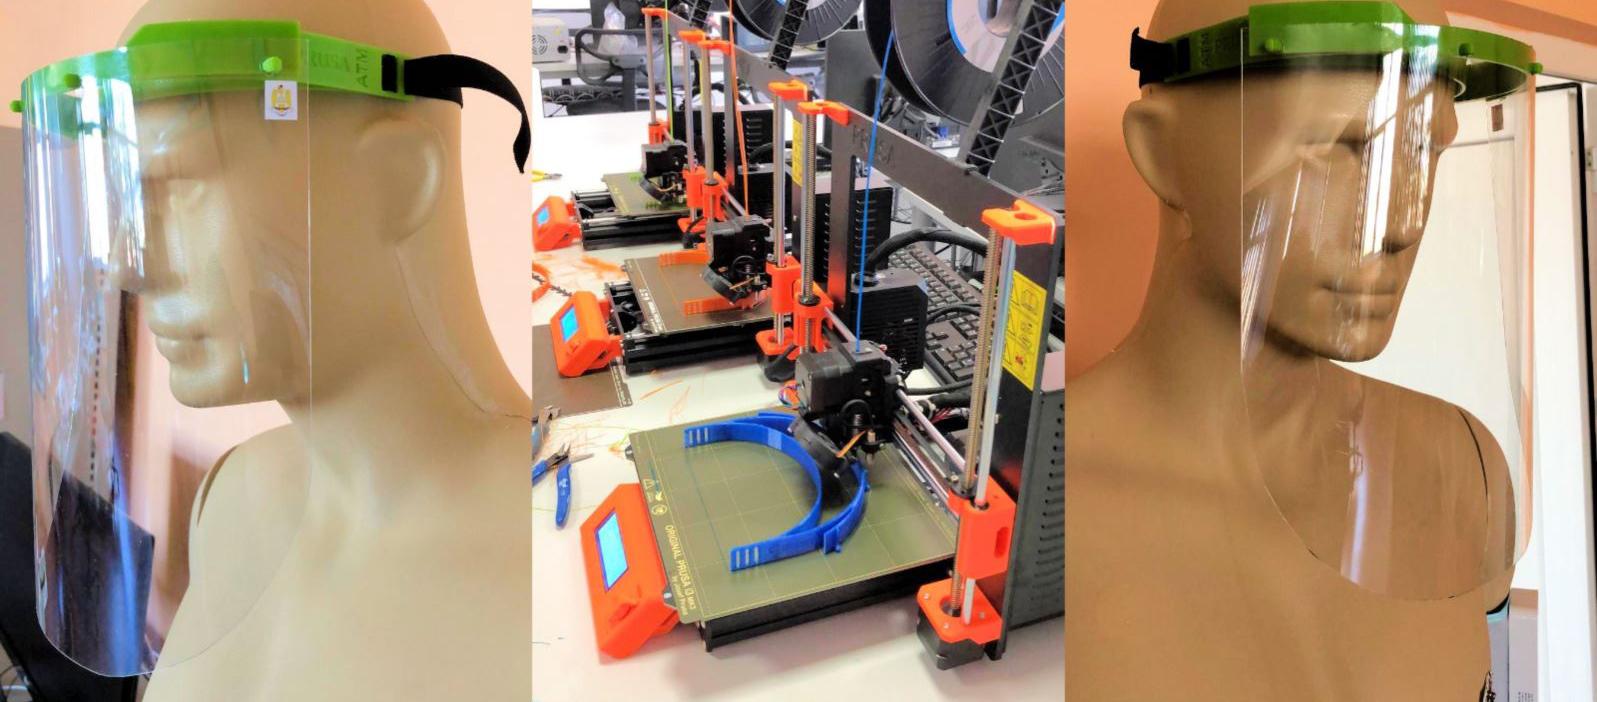 O echipa, formată din cadre didactice, cercetători şi ofiţeri specialişti din cadrul Centrului de Excelenţă în Robotică şi Sisteme Autonome al Academiei Tehnice Militare a modificat şi adaptat un model de vizieră de protecţie, care poate fi realizat prin imprimare 3D.